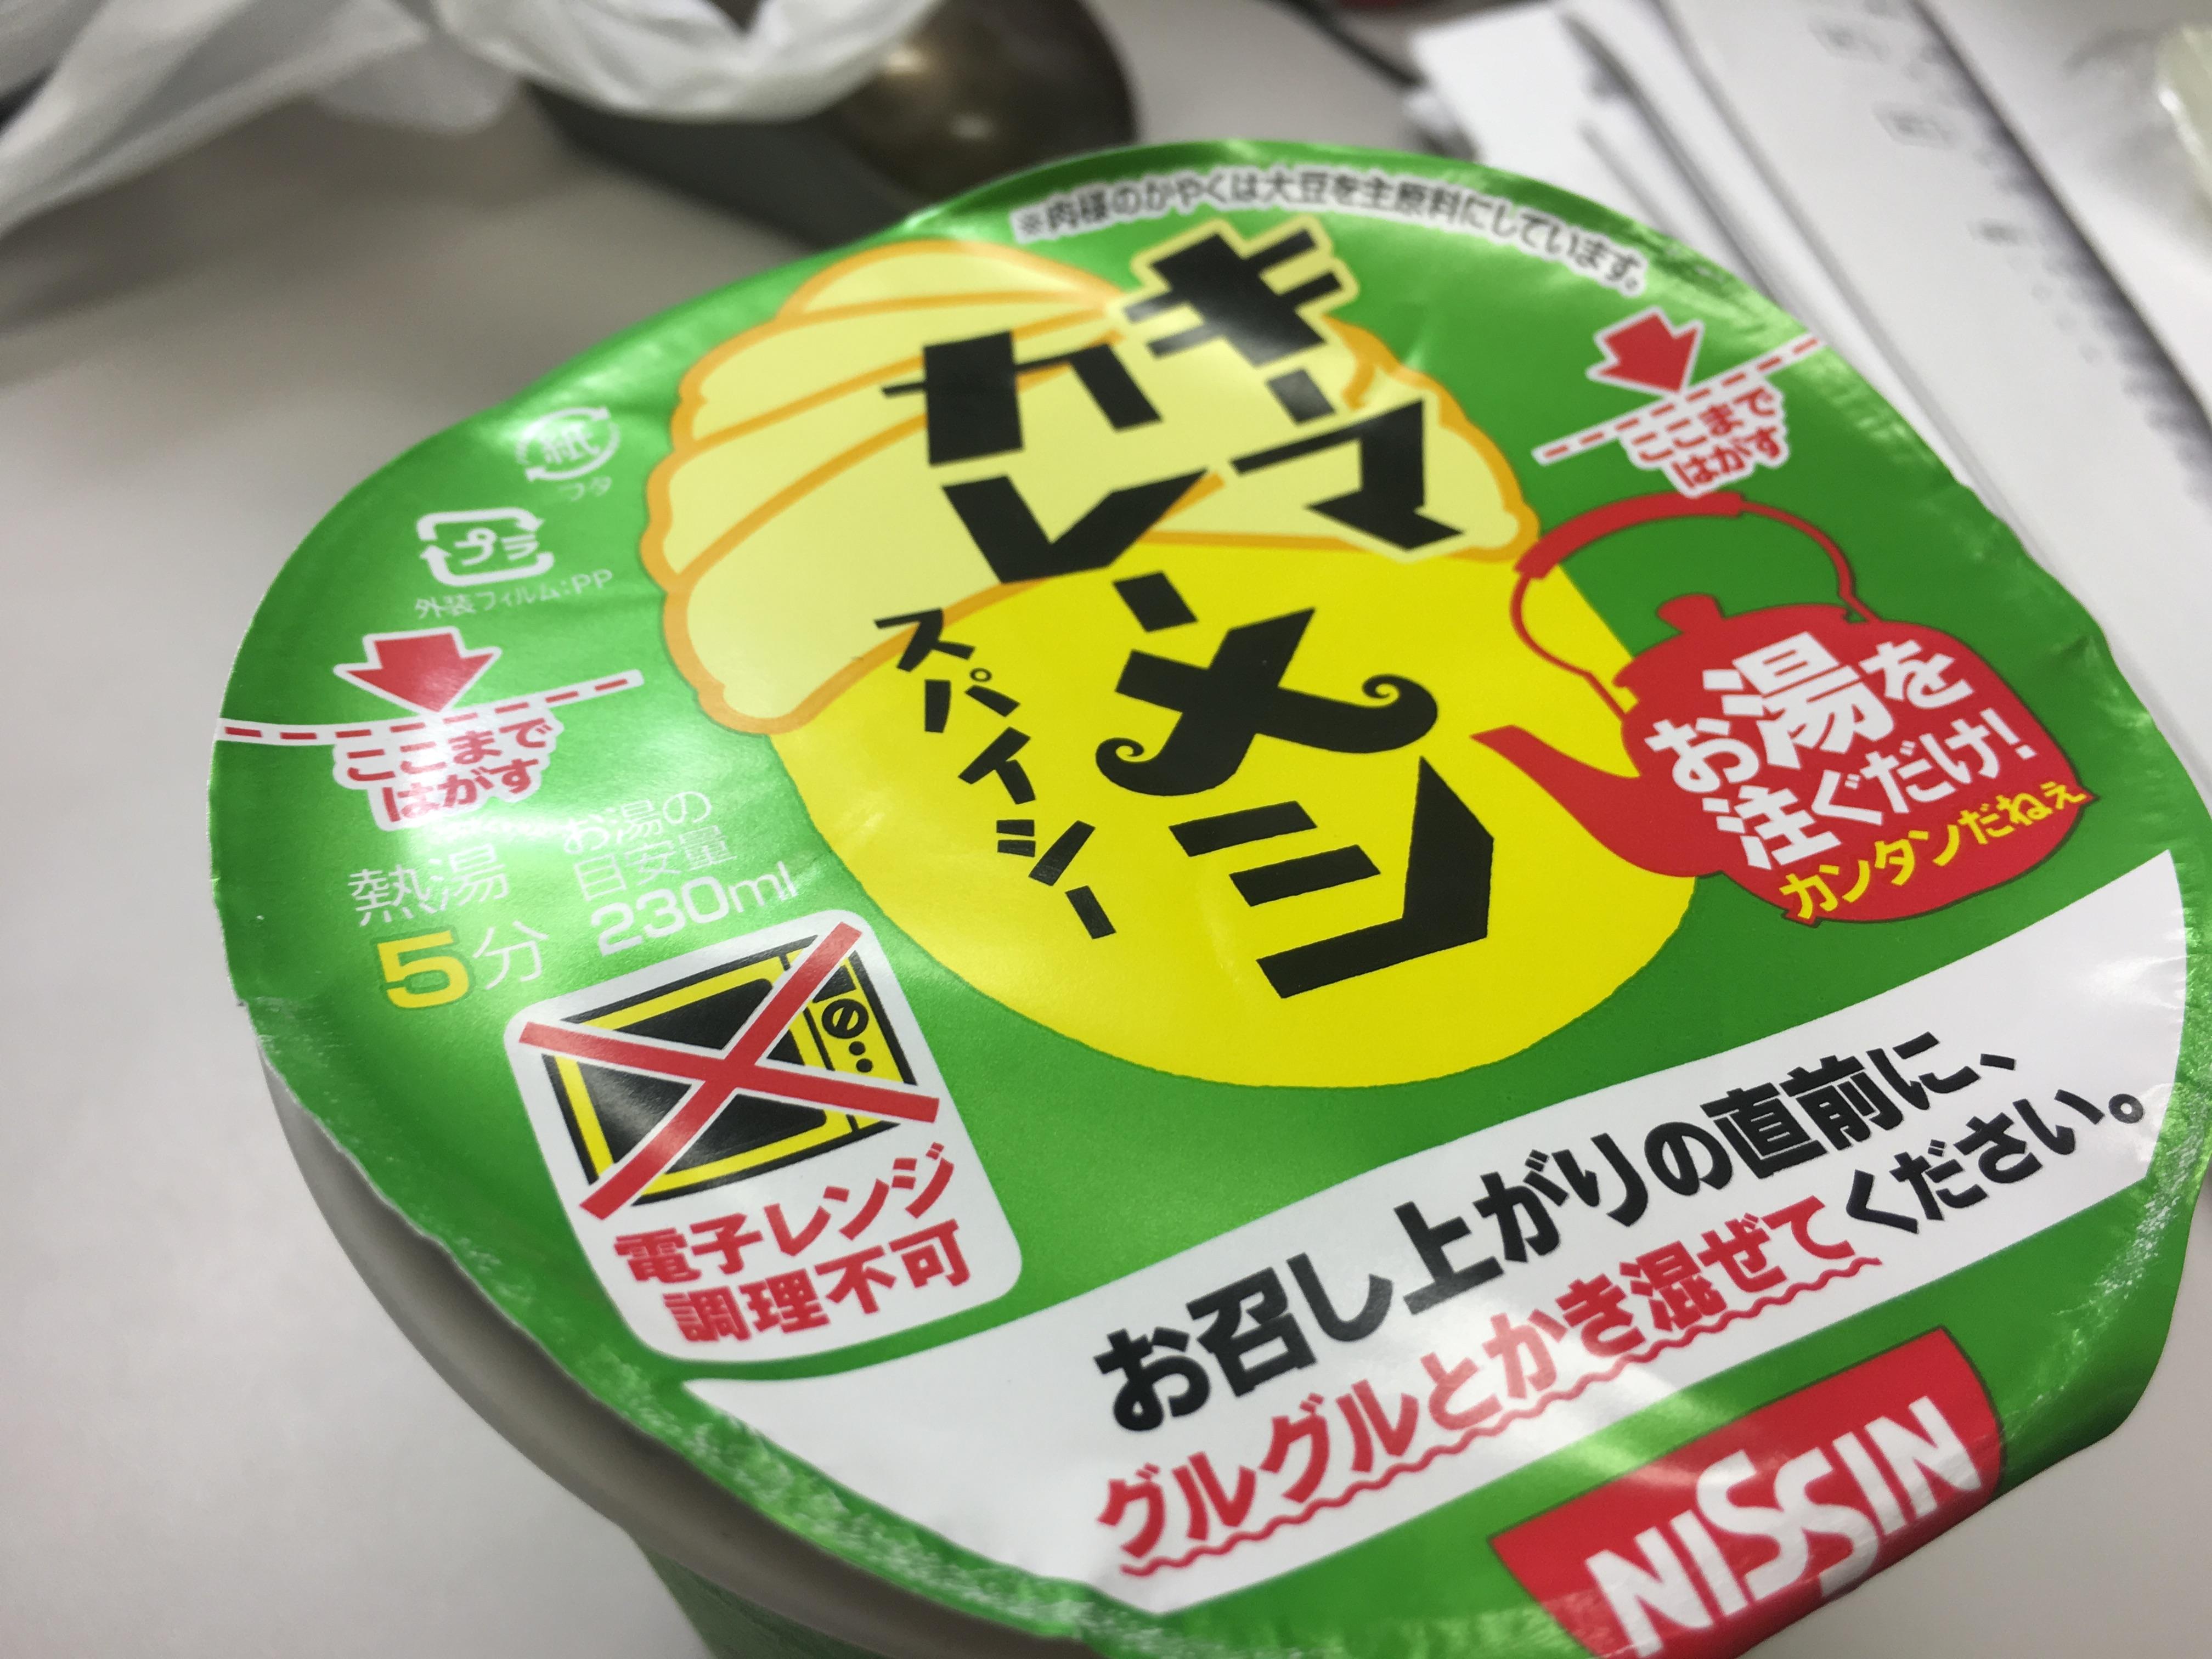 キーマカレーメシスパイシーはピリッと美味しいけど、普通のカレーメシに軍配。